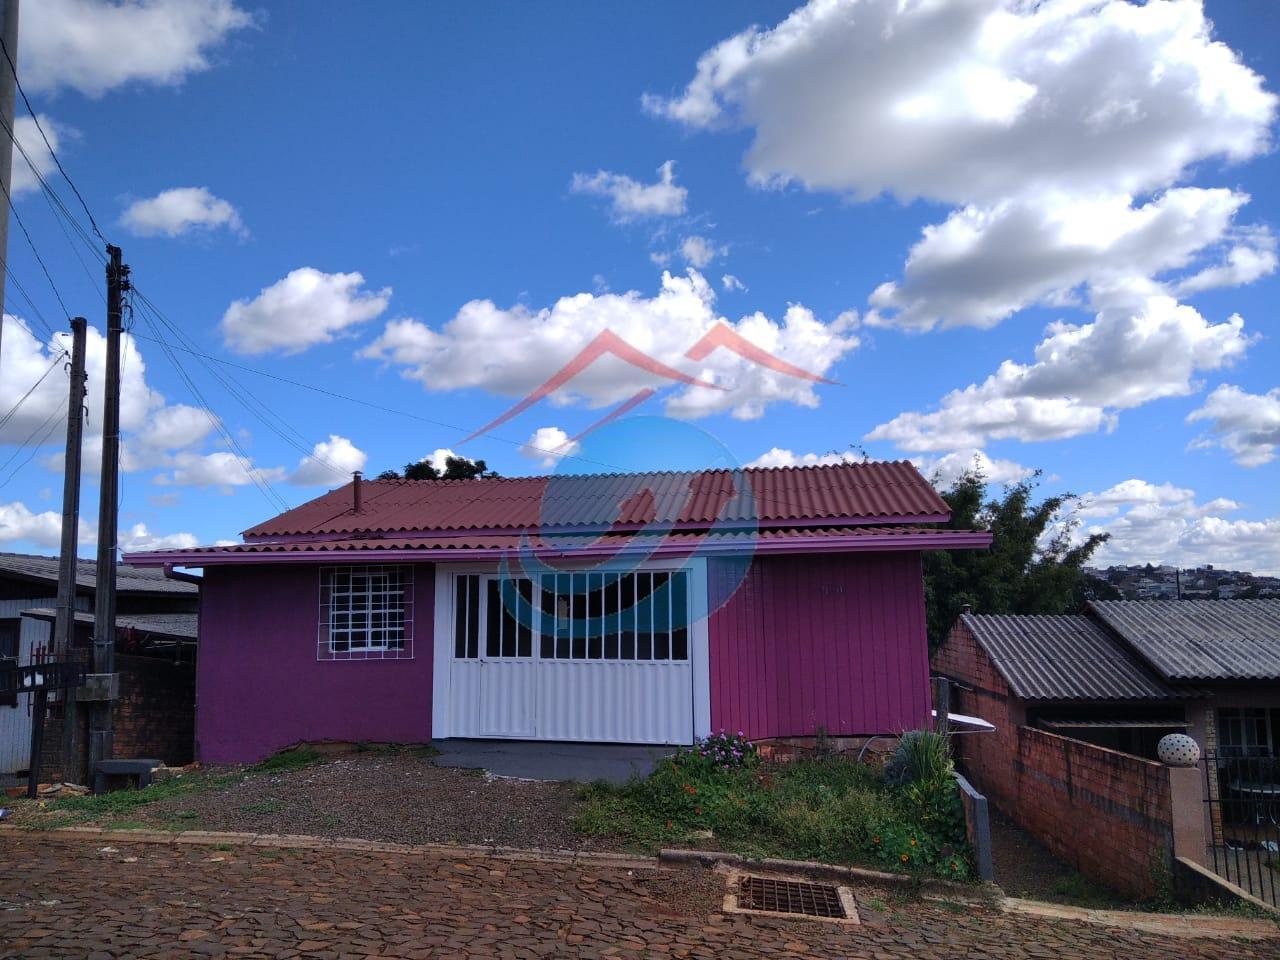 Casa com 2 dormitórios à venda, São Francisco , SAO LOURENCO DO OESTE - SC